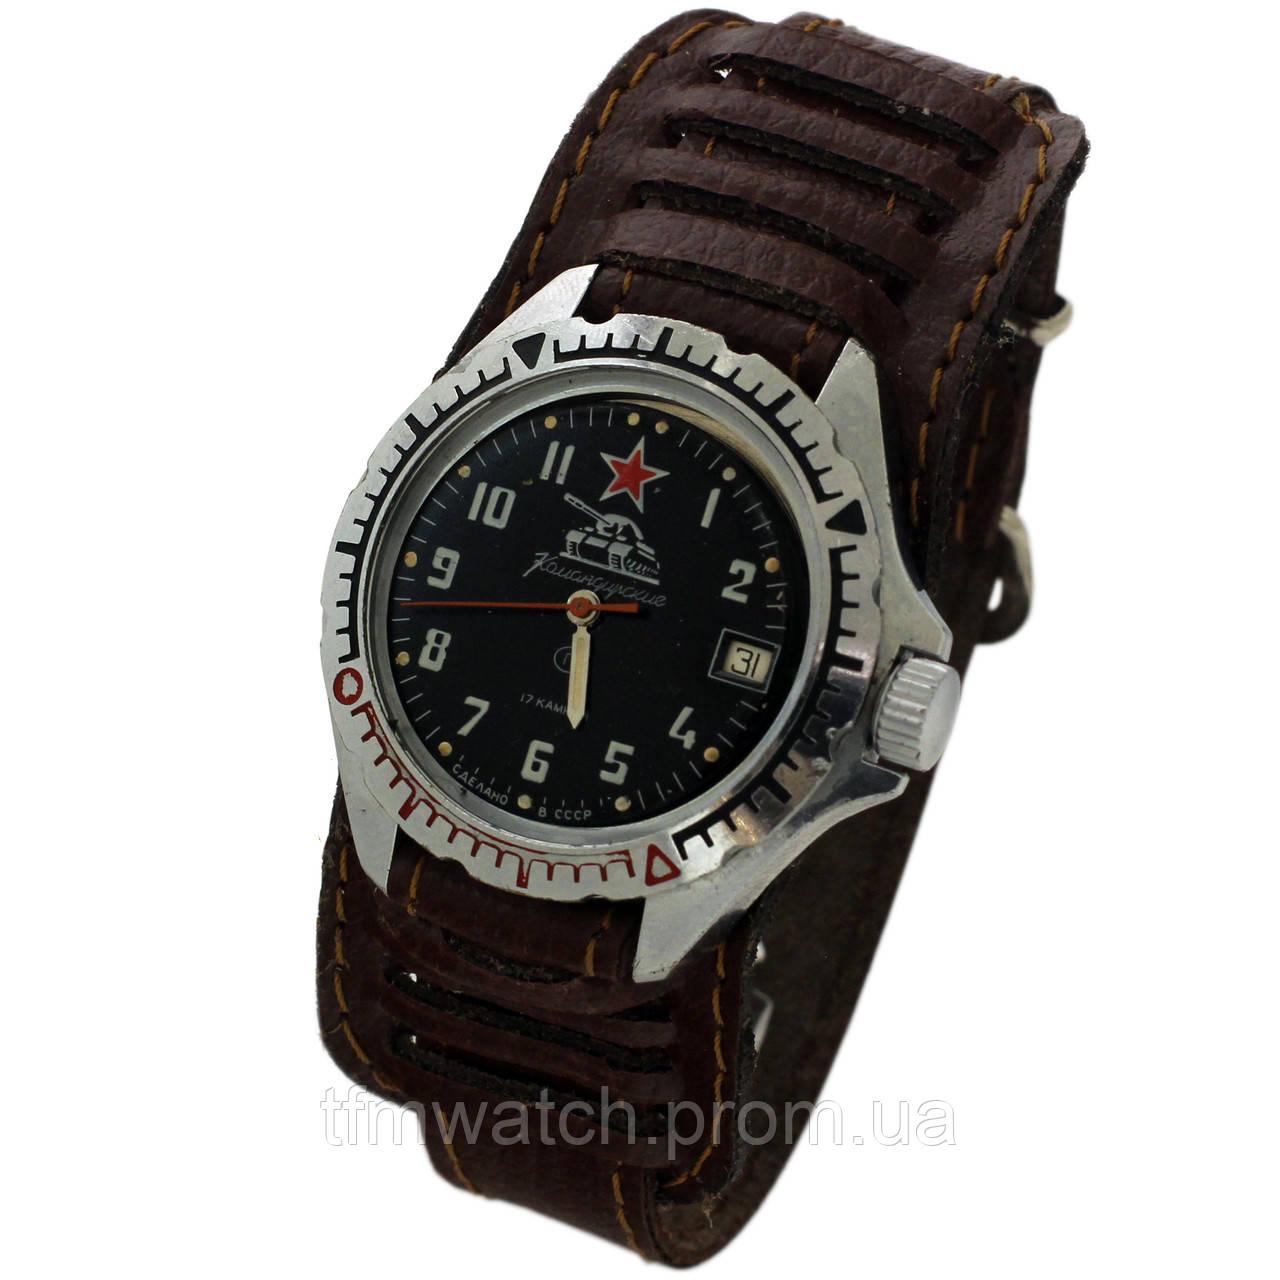 Наручные часы водонепроницаемые восток купить наручные часы женские во владивостоке